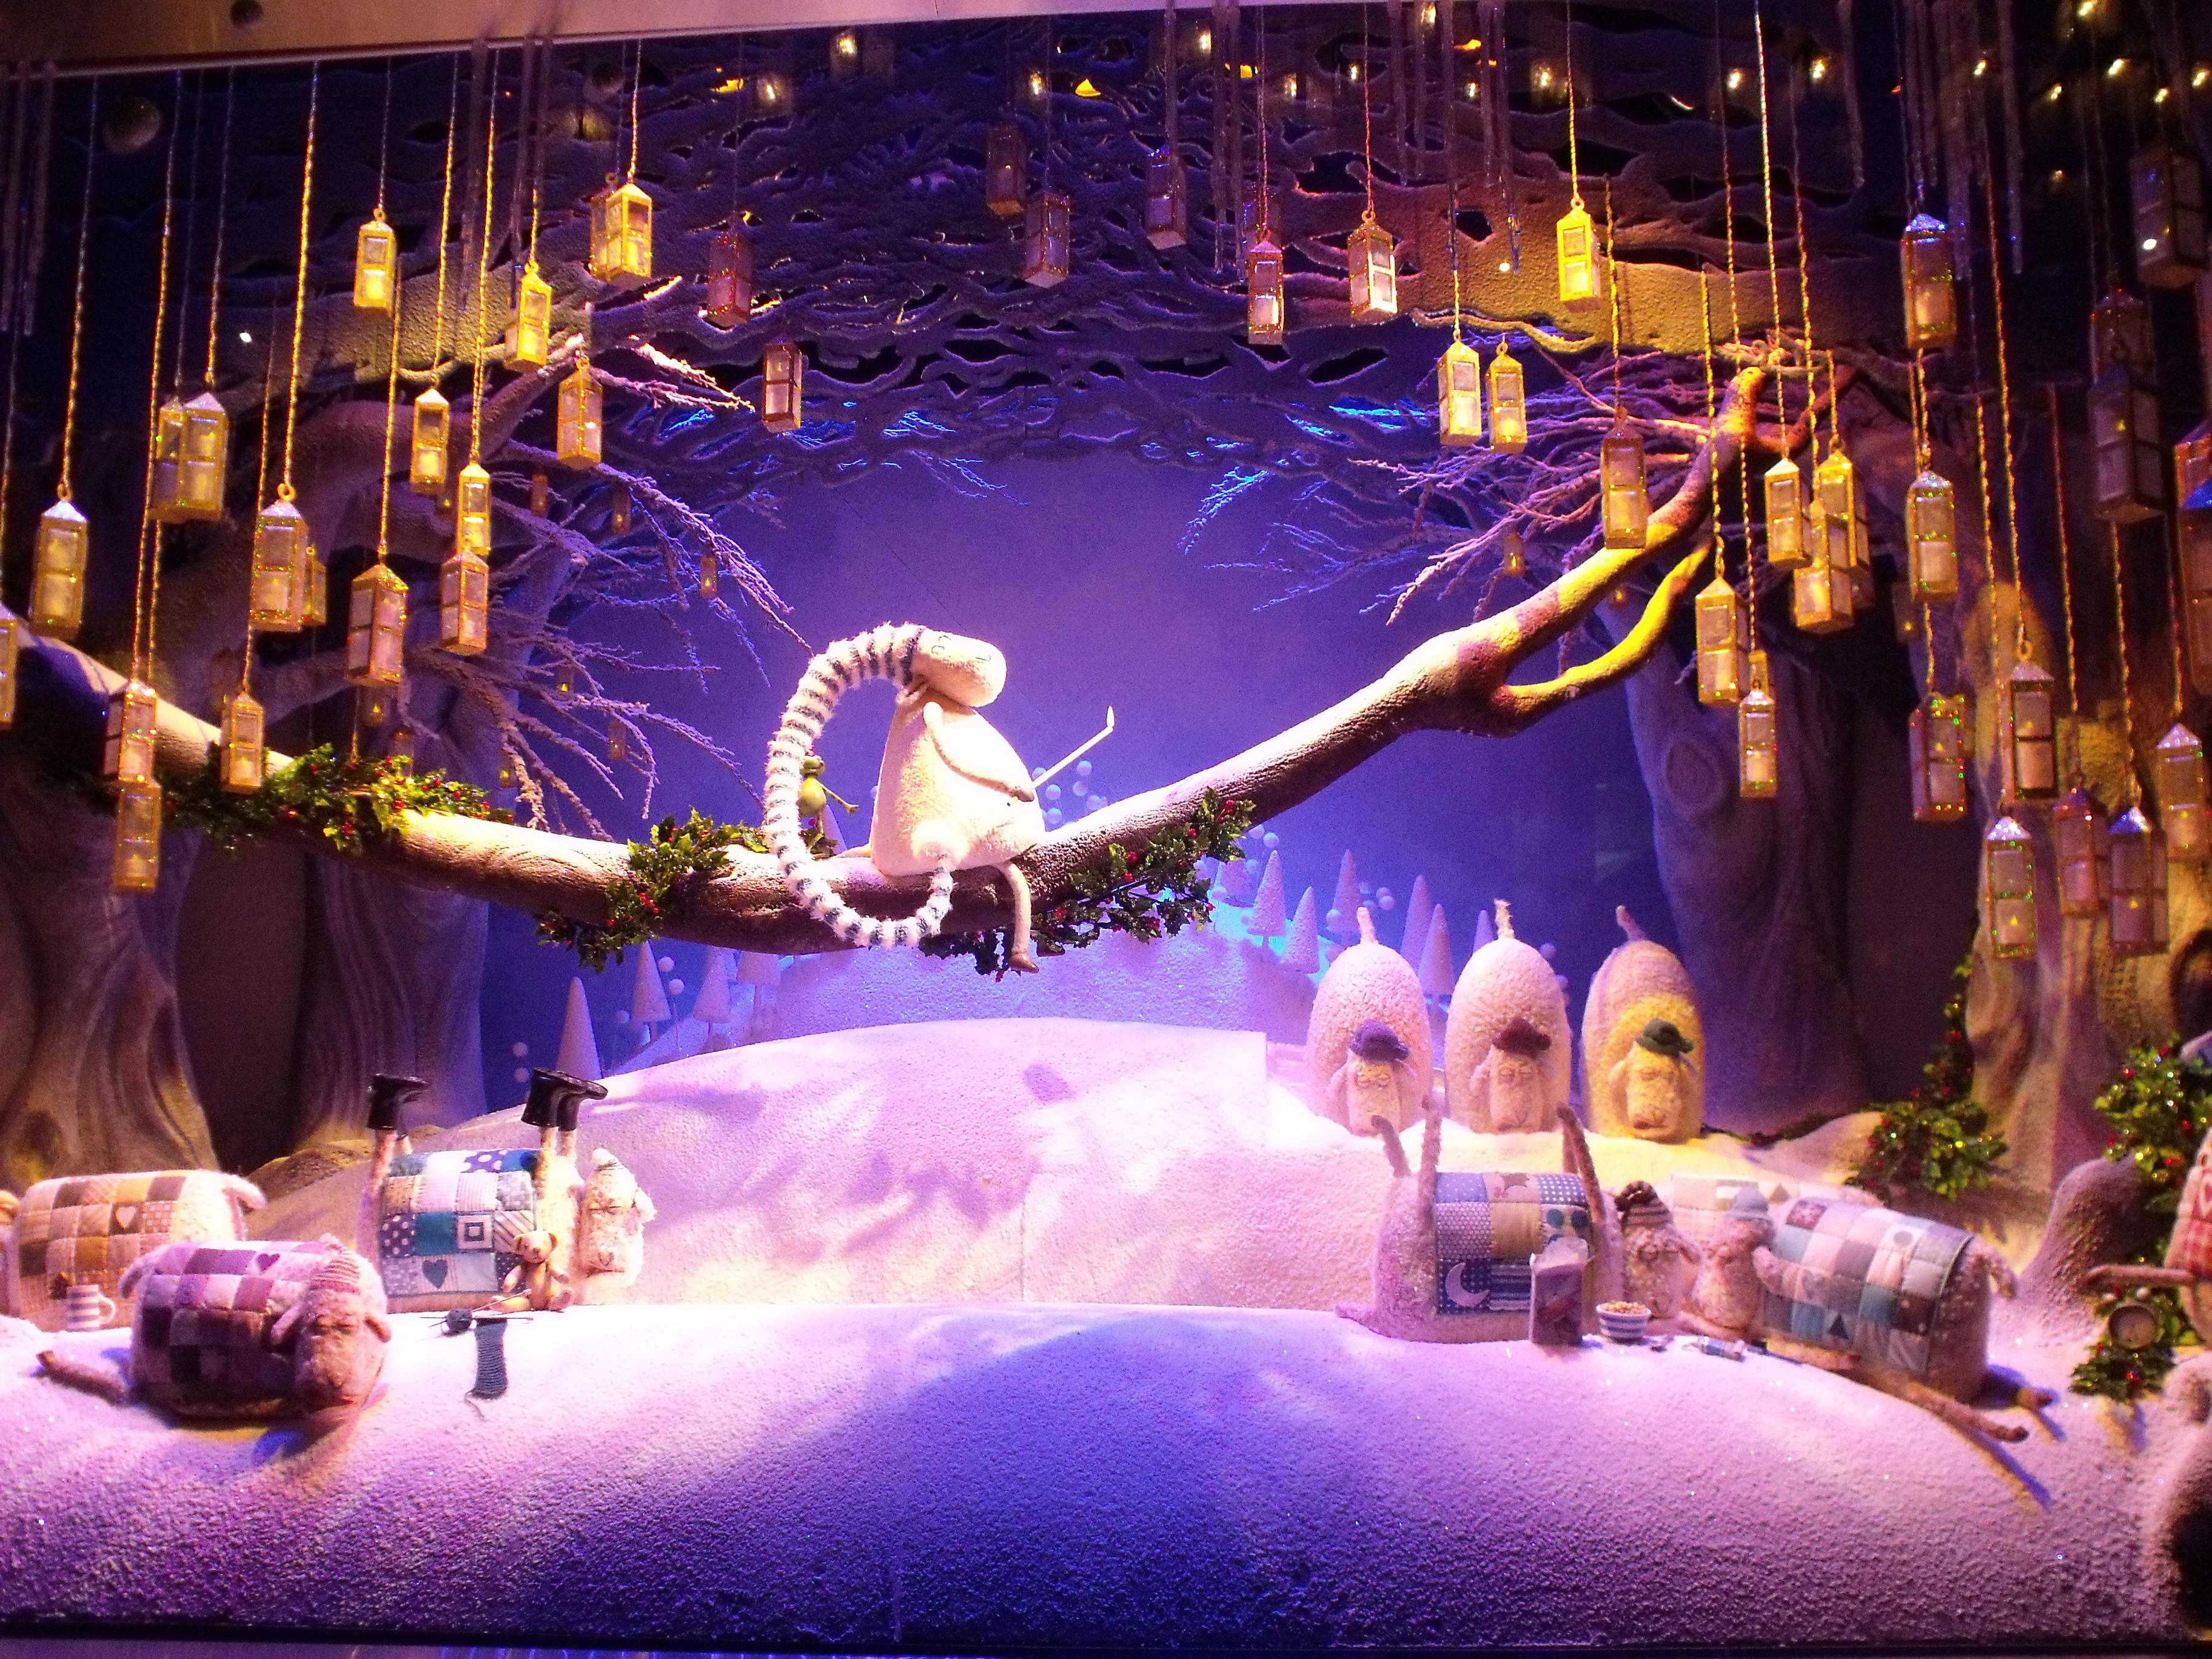 myer christmas lights